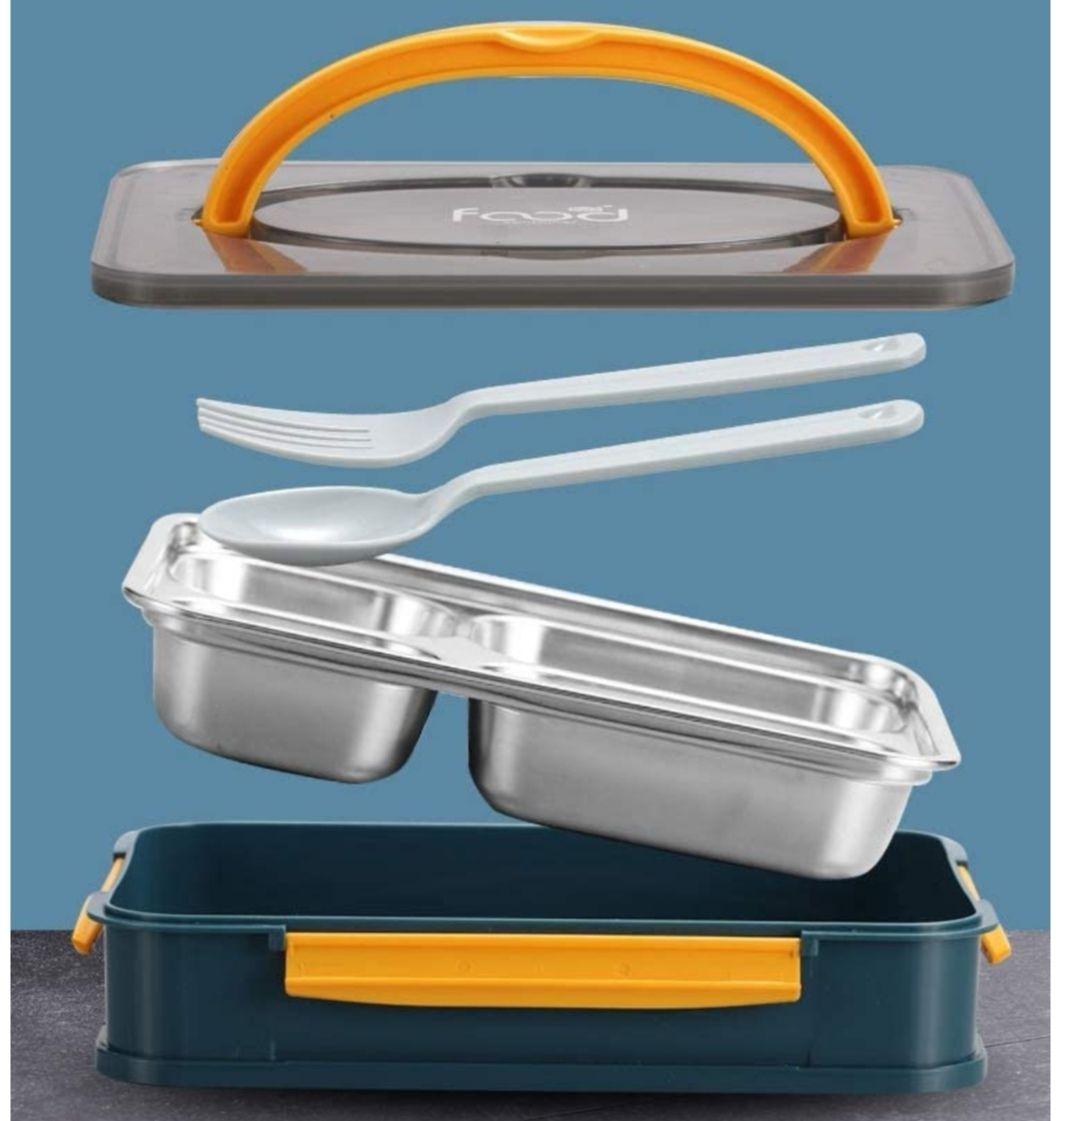 Fiambrera de Acero Inoxidable, 4 Compartimentos + Tenedor y Cuchara. Apto para Lavavajillas